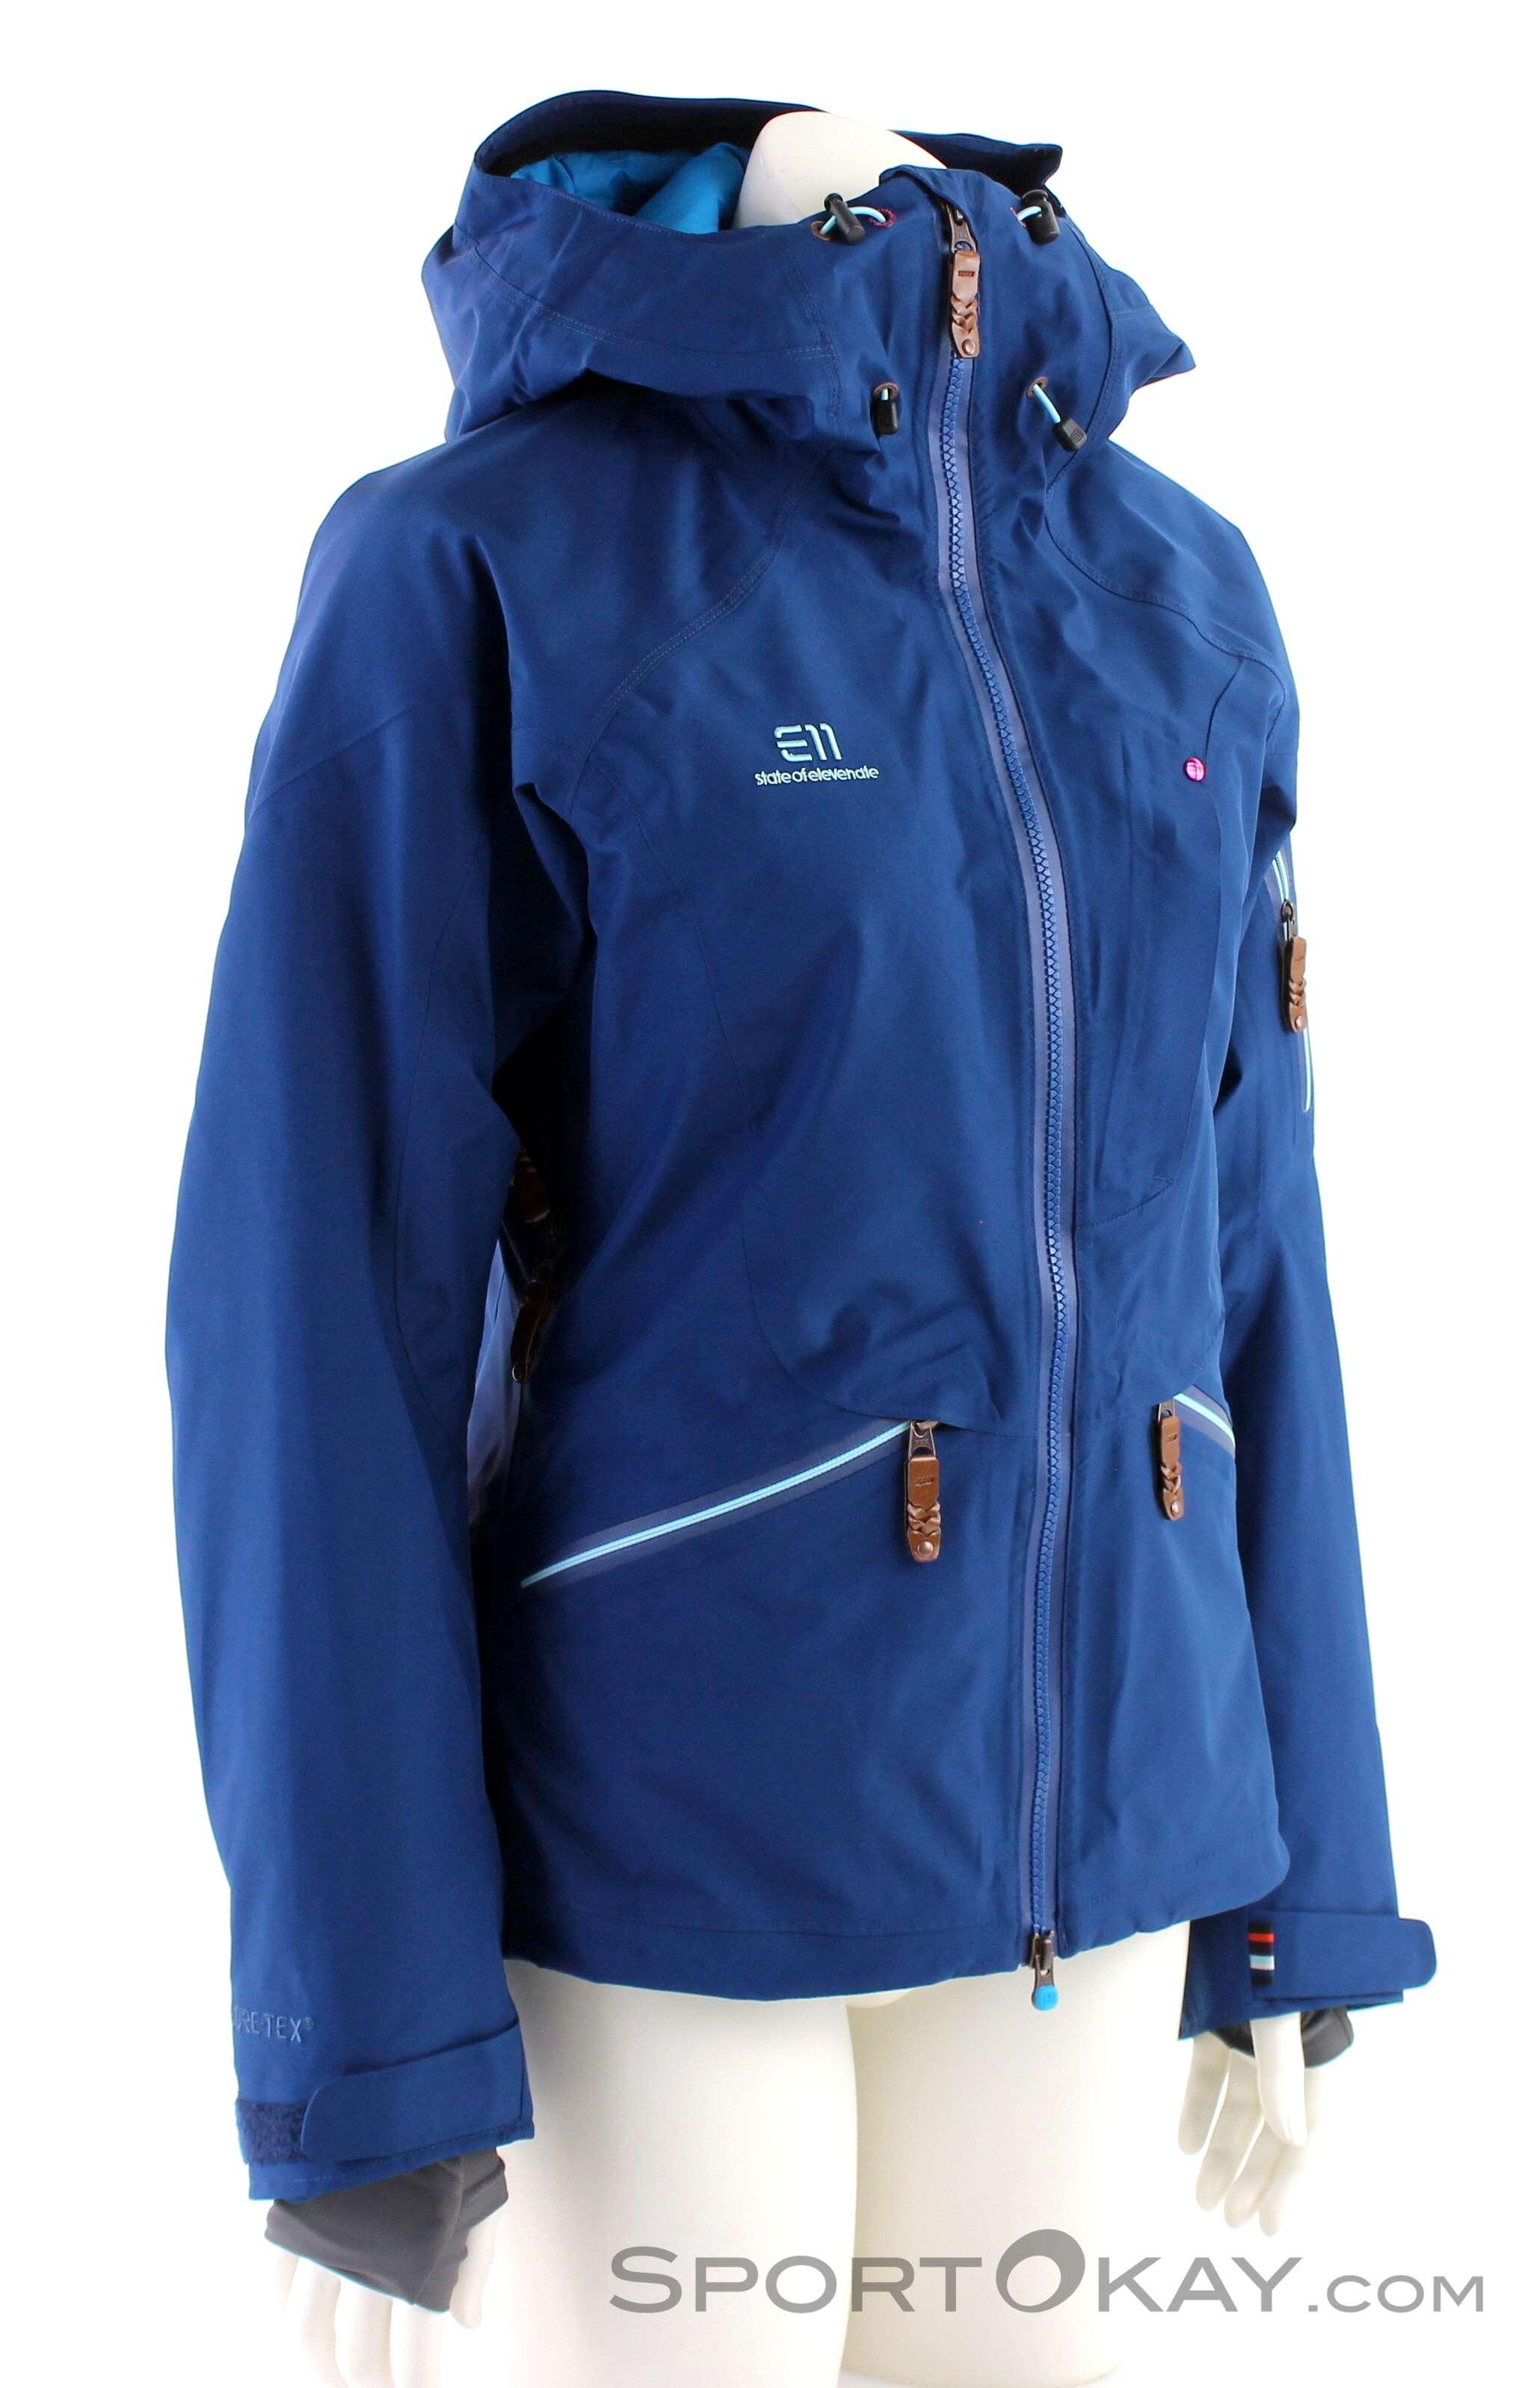 Elevenate Zermatt Damen Tourenjacke-Blau-L